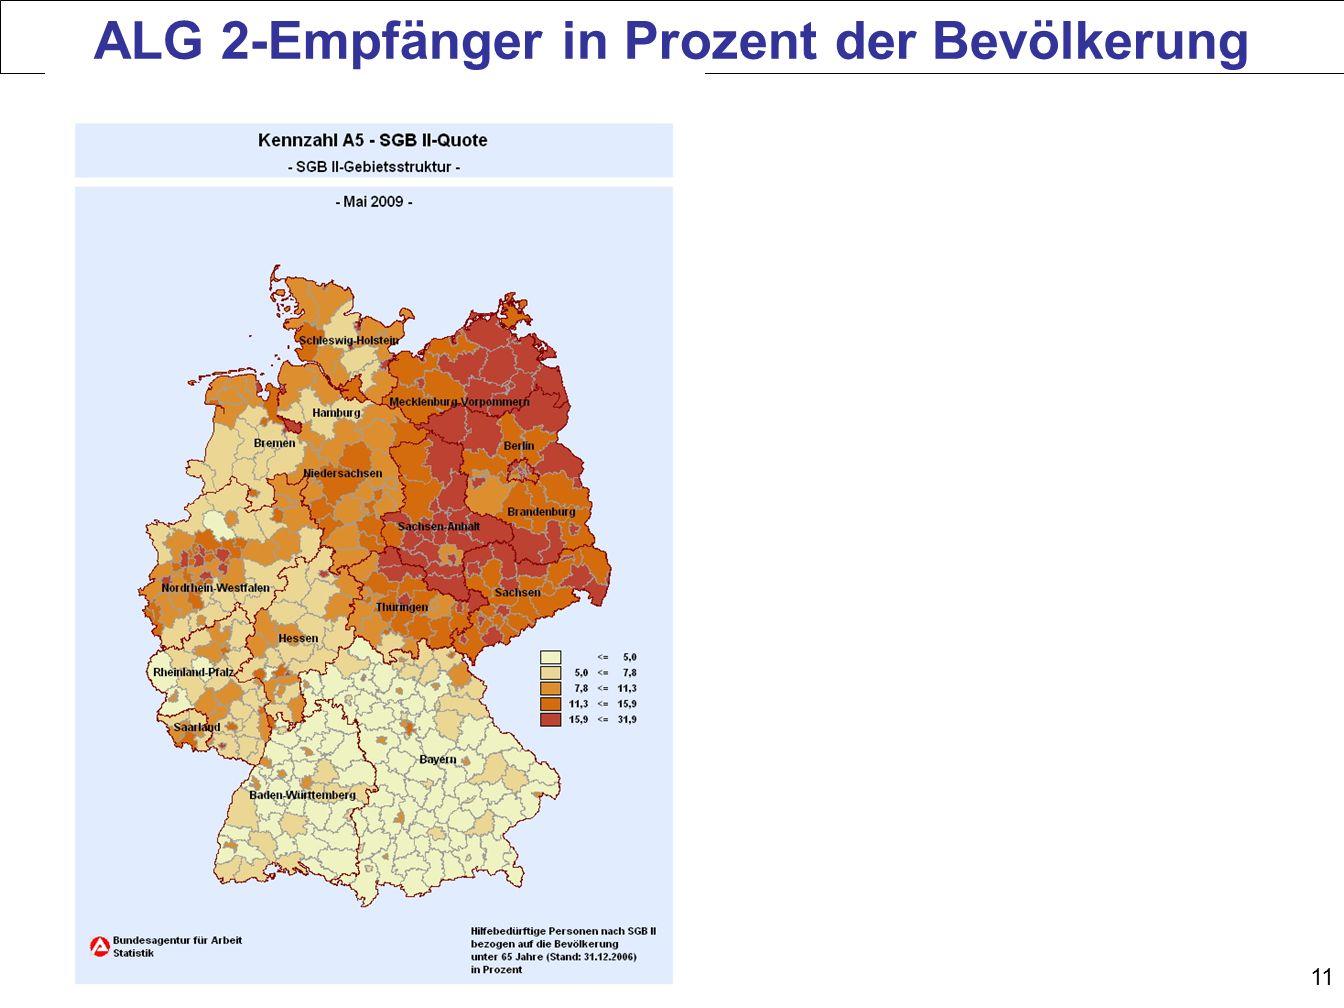 ALG 2-Empfänger in Prozent der Bevölkerung